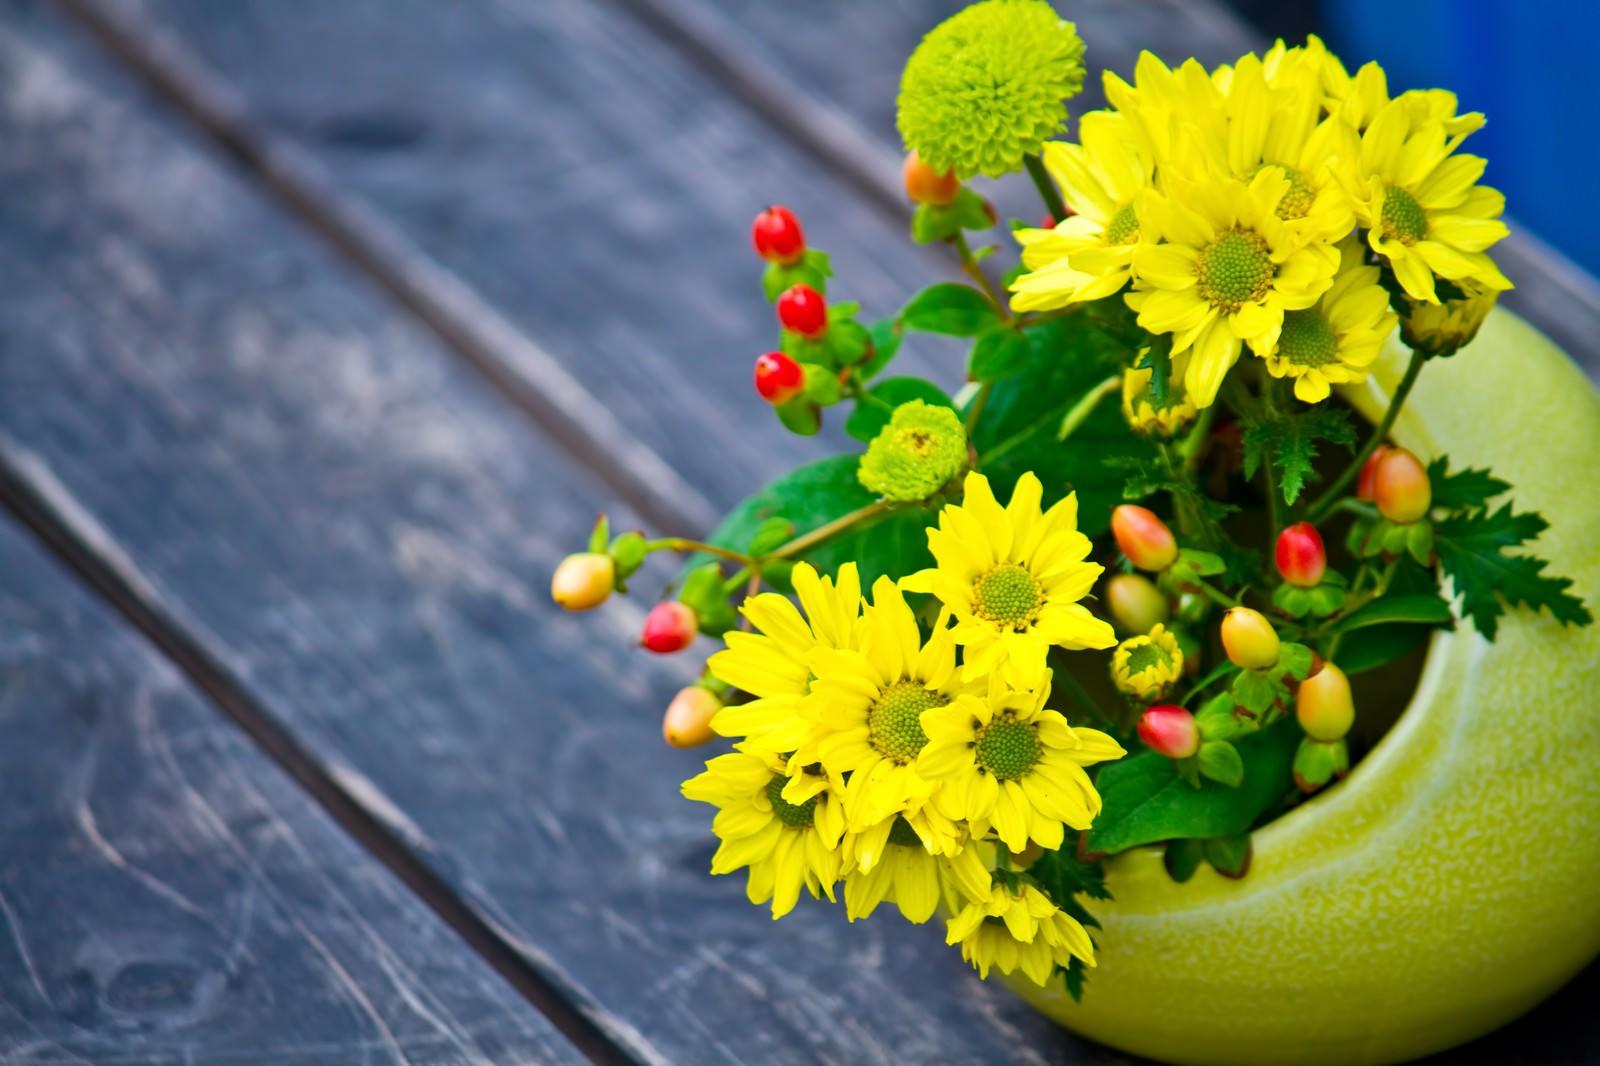 「丸い花瓶の黄色い花」の写真